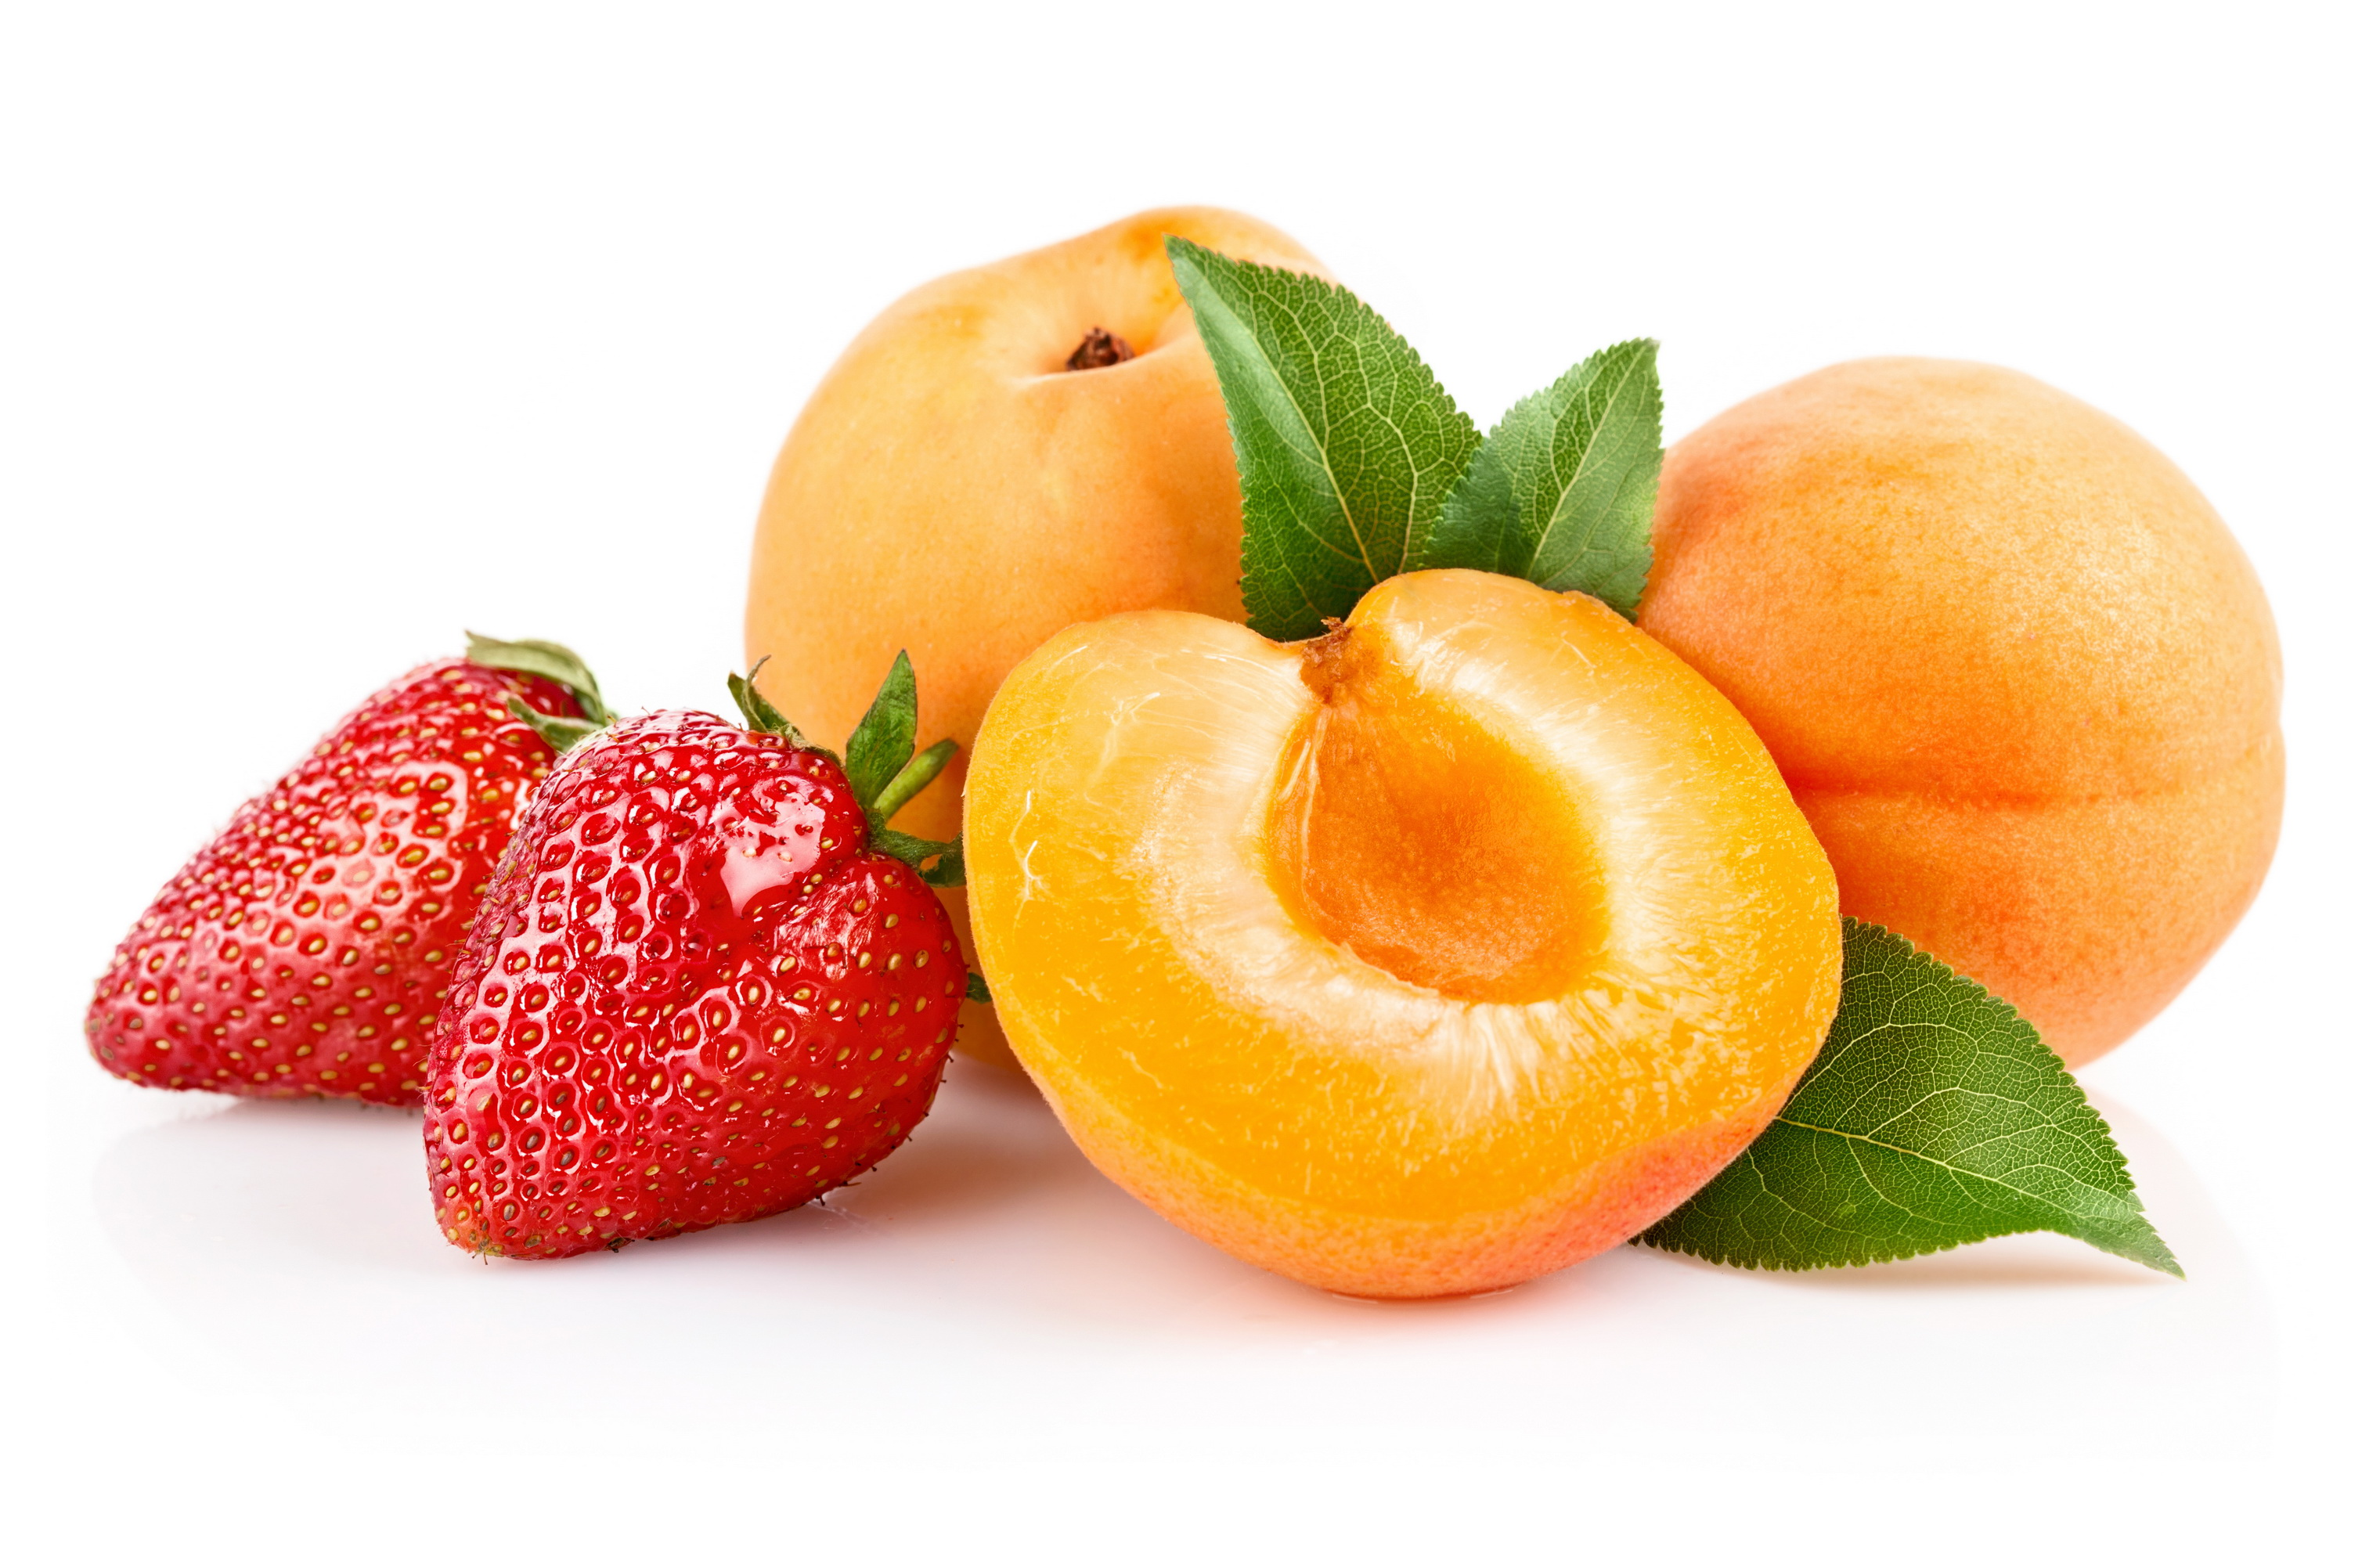 фрукты fruit  № 2921626 без смс